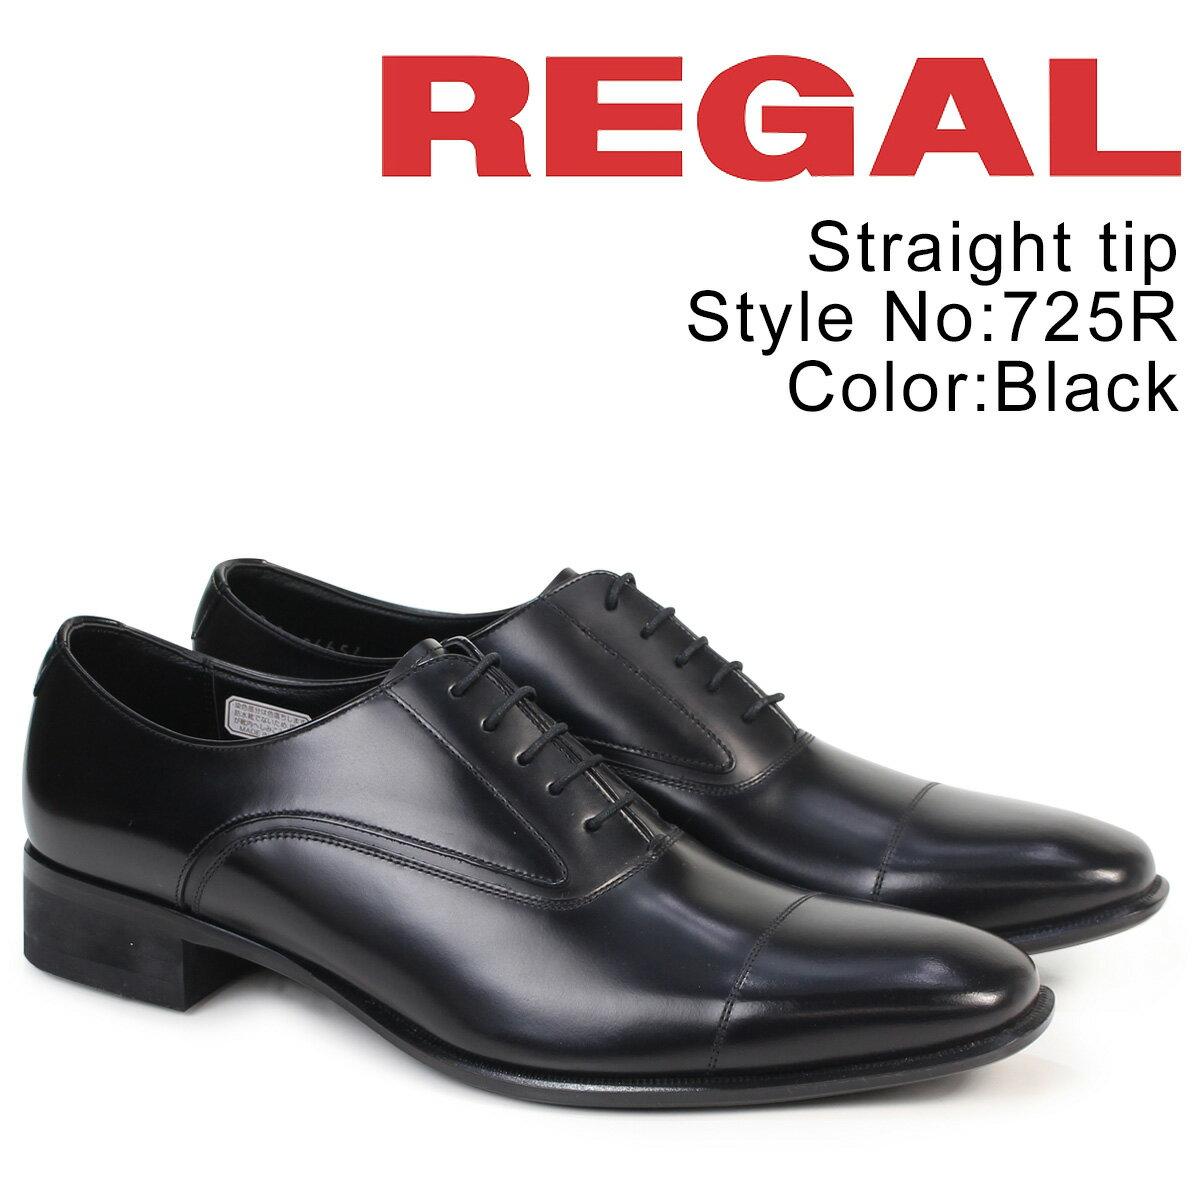 リーガル 靴 メンズ REGAL ストレートチップ 725RAL ビジネスシューズ 日本製 ブラック [9/14 追加入荷]